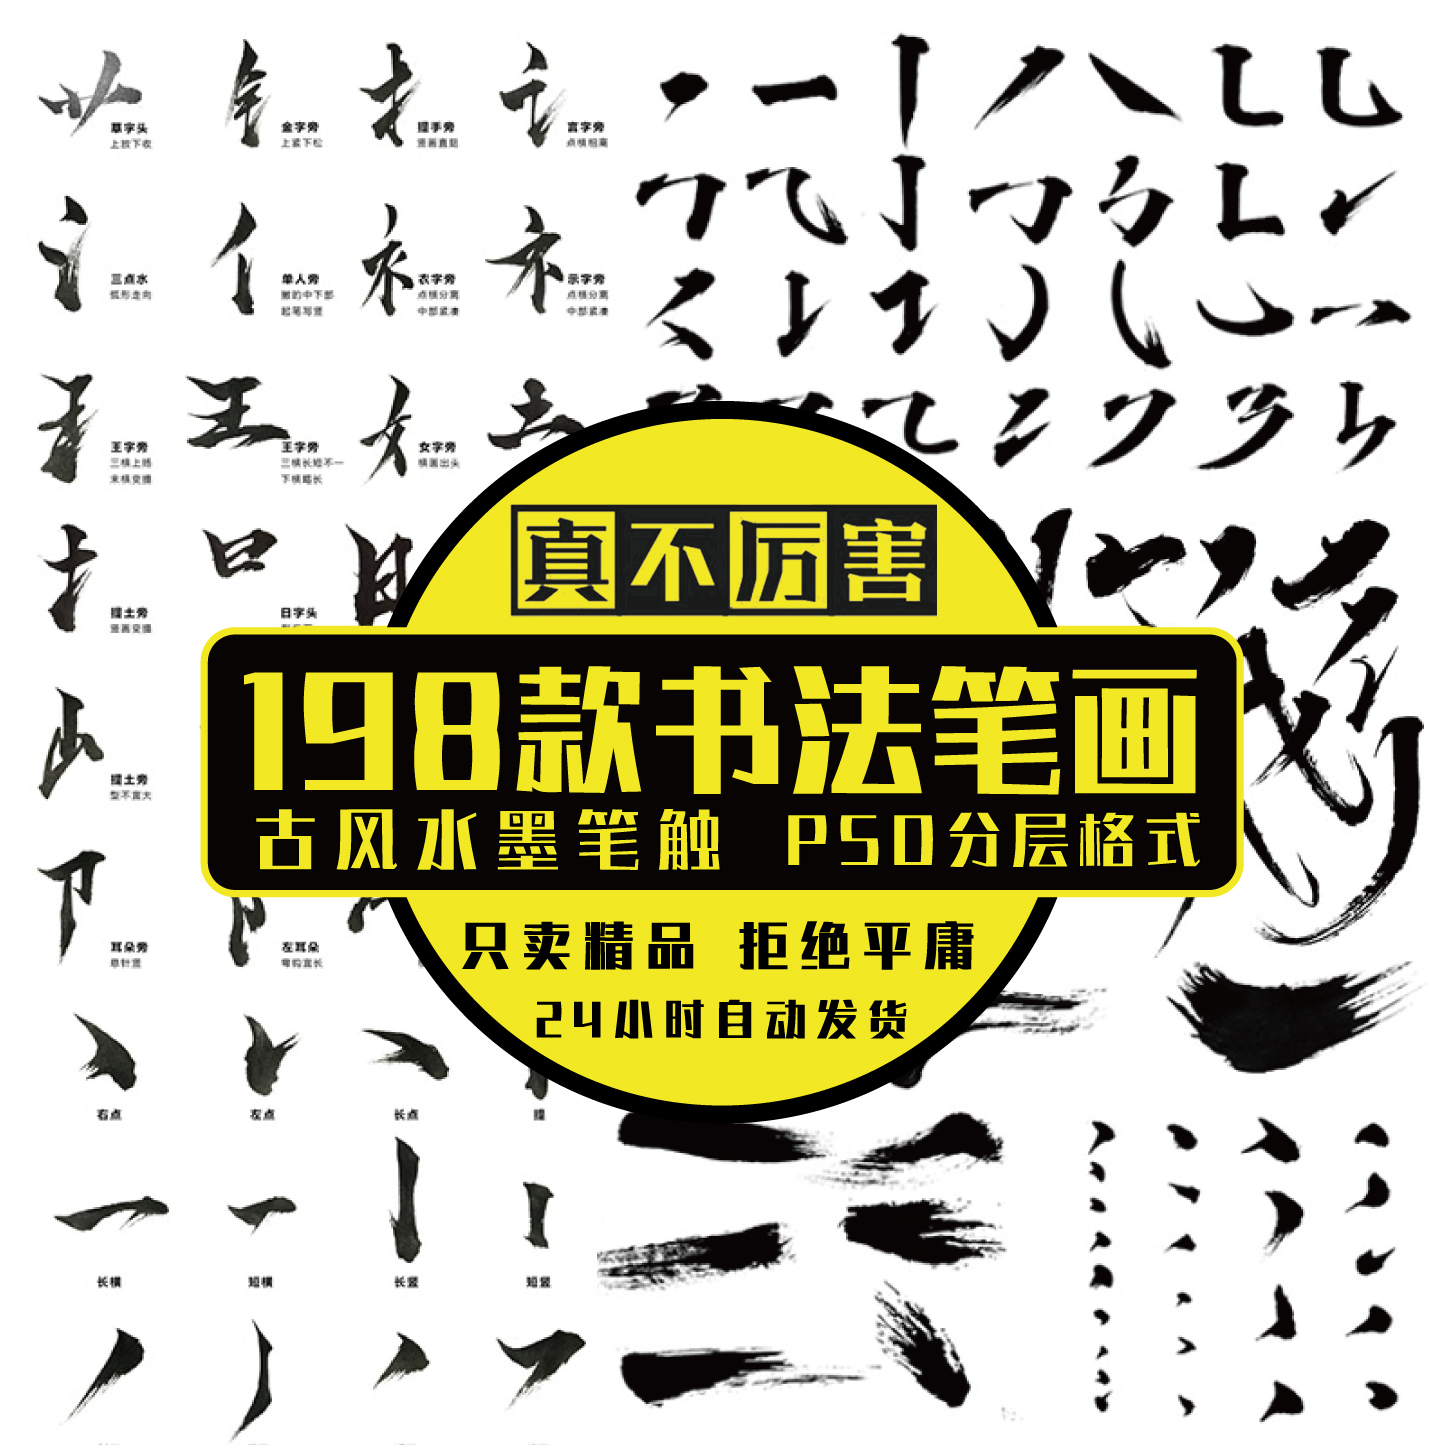 中文汉字偏旁海报PSD分层素材